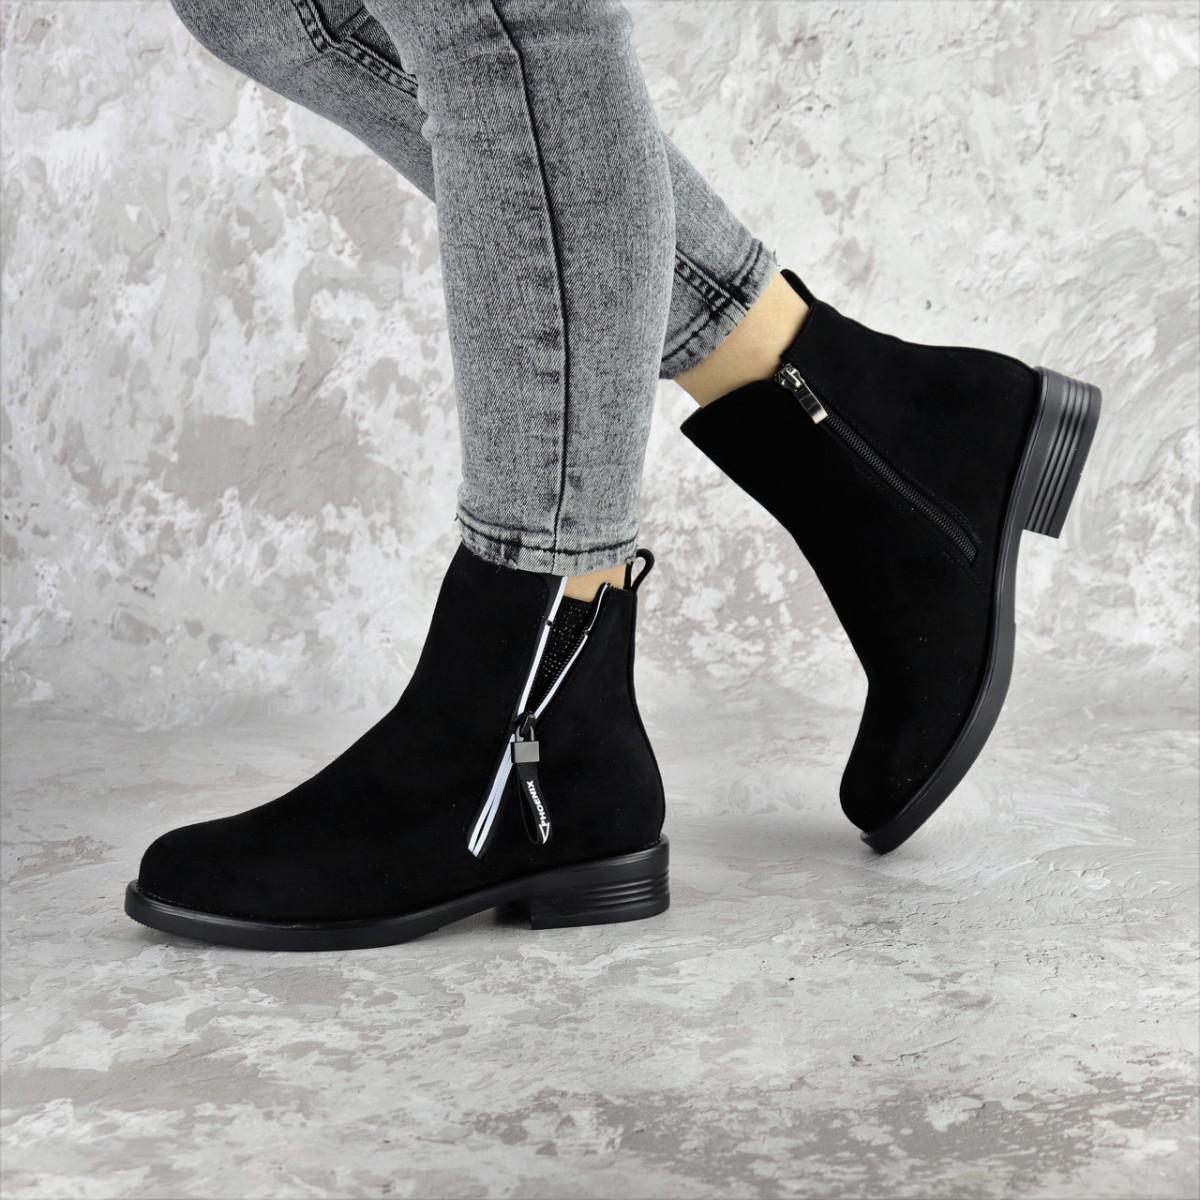 Ботинки женские черные Mortimer 2375 (36 размер)